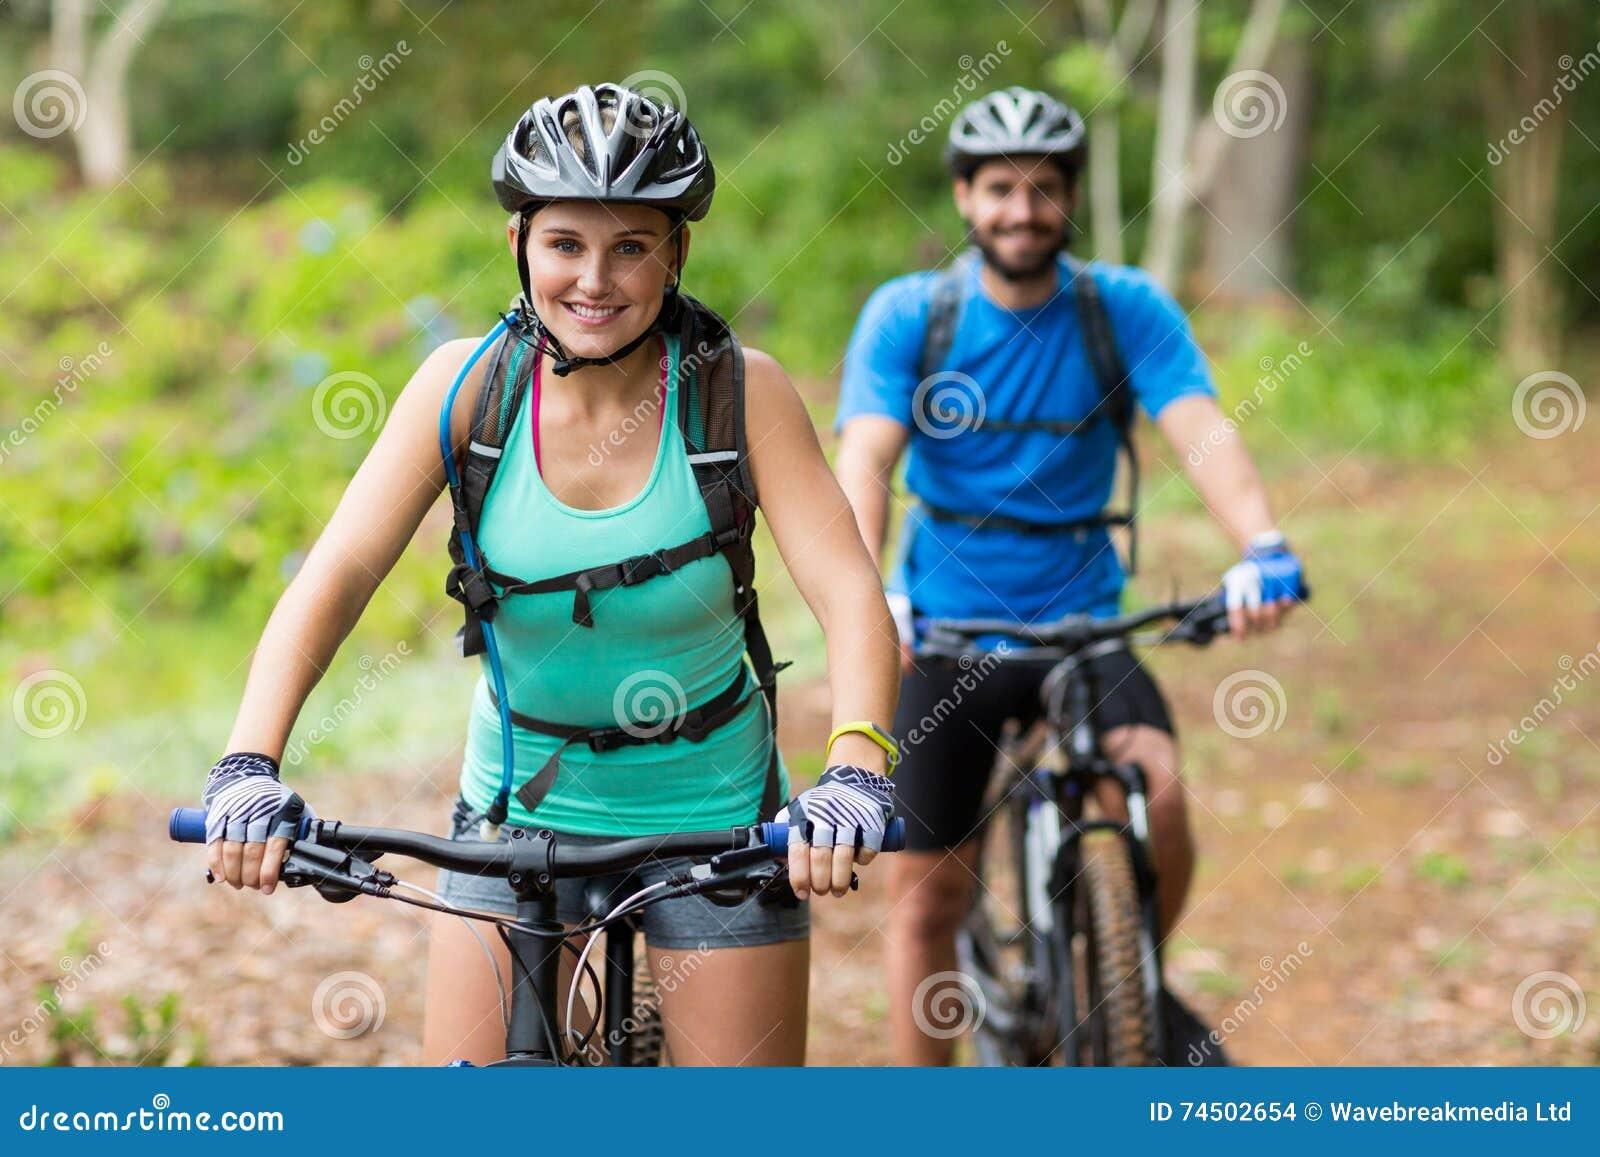 Sportowy pary kolarstwo w lesie